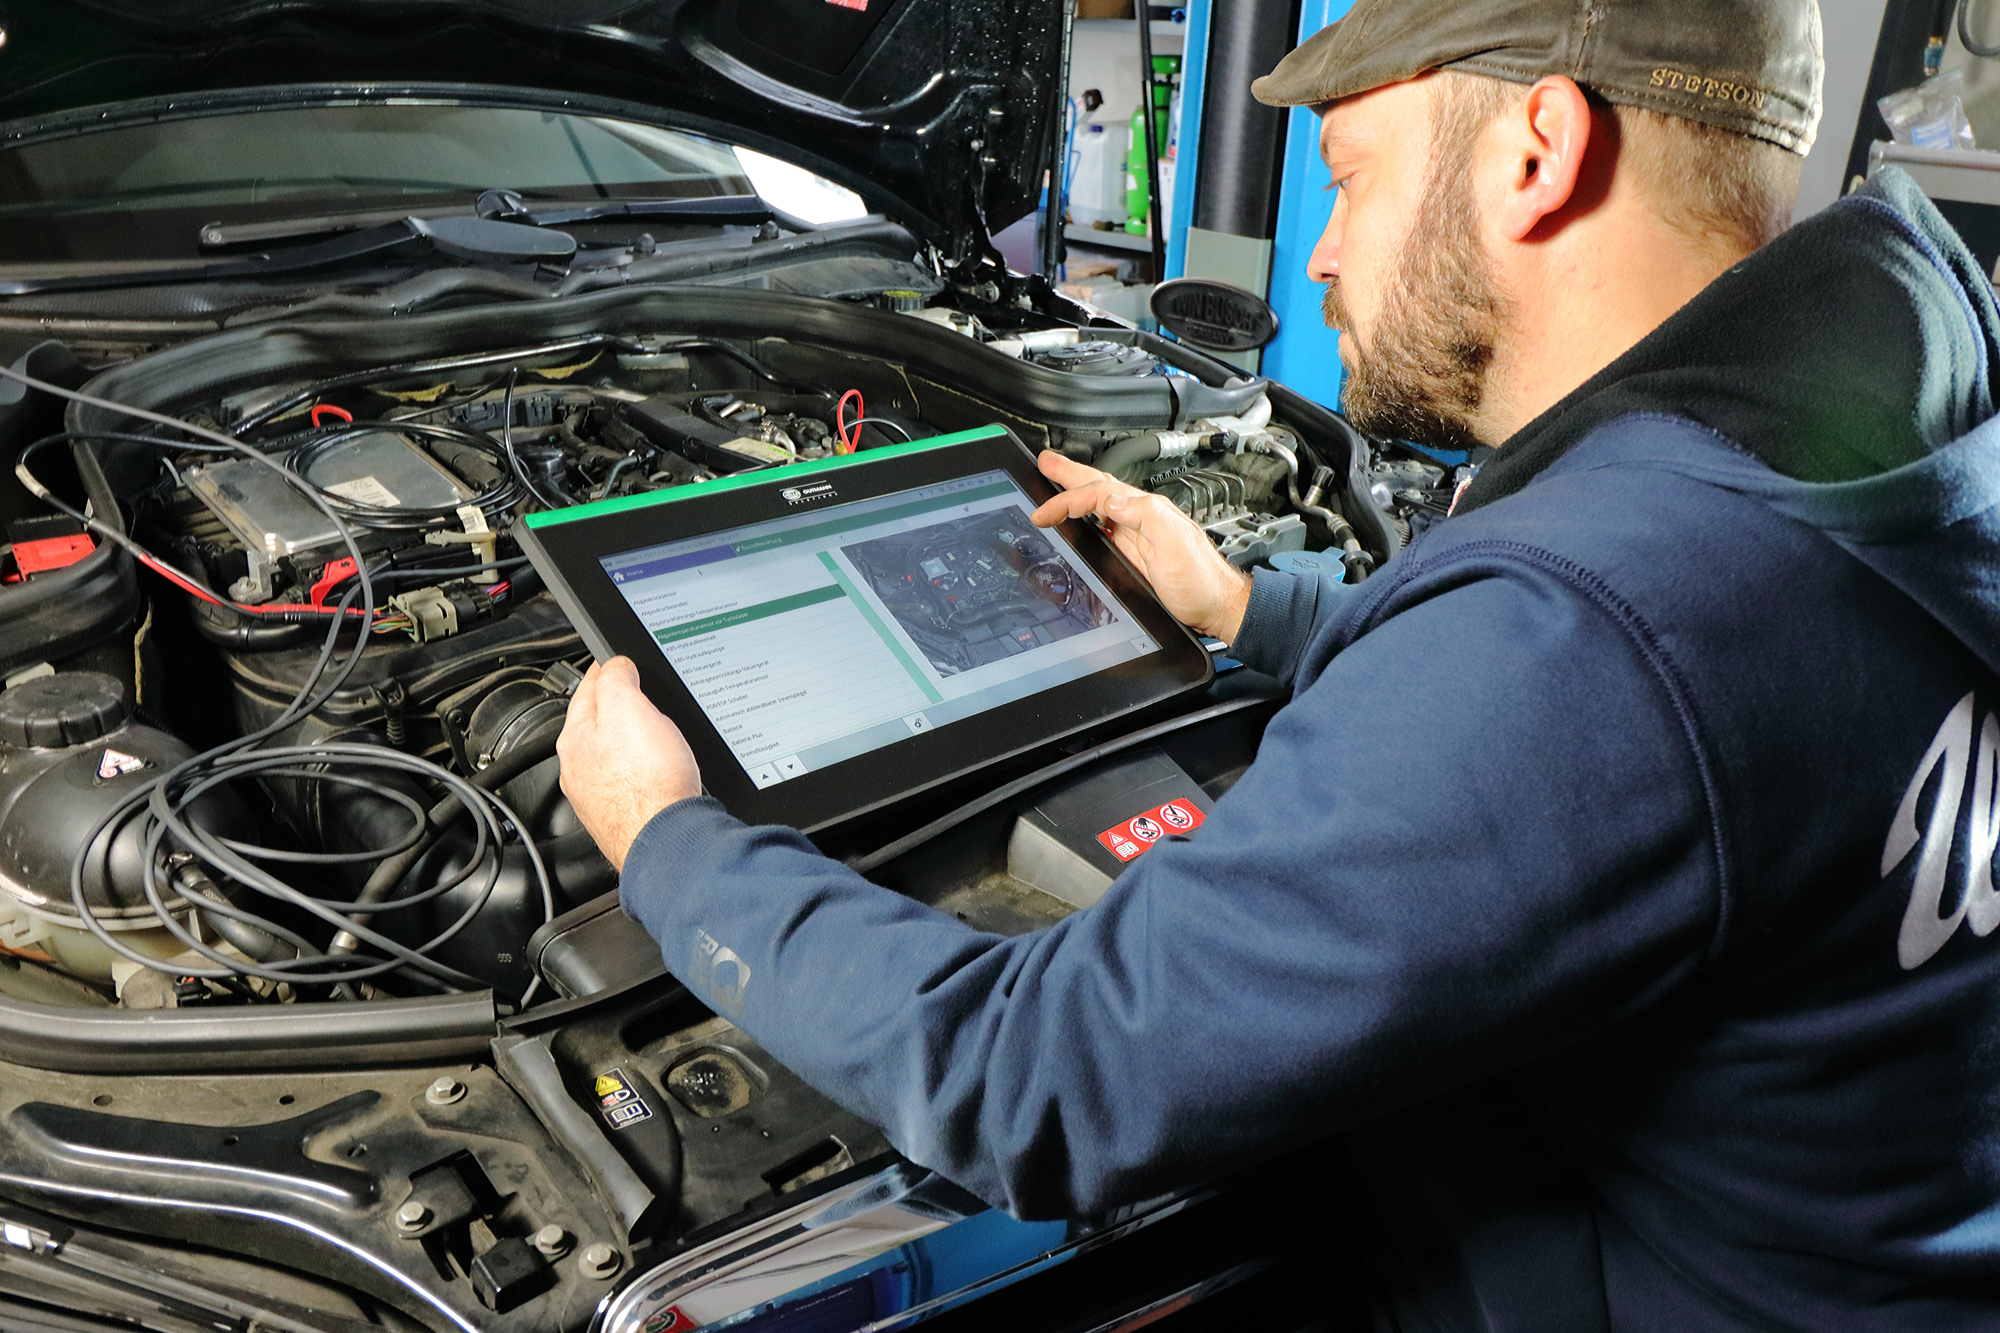 Motordiagnose: Mit High-End Technik dem Fehler auf der Spur.